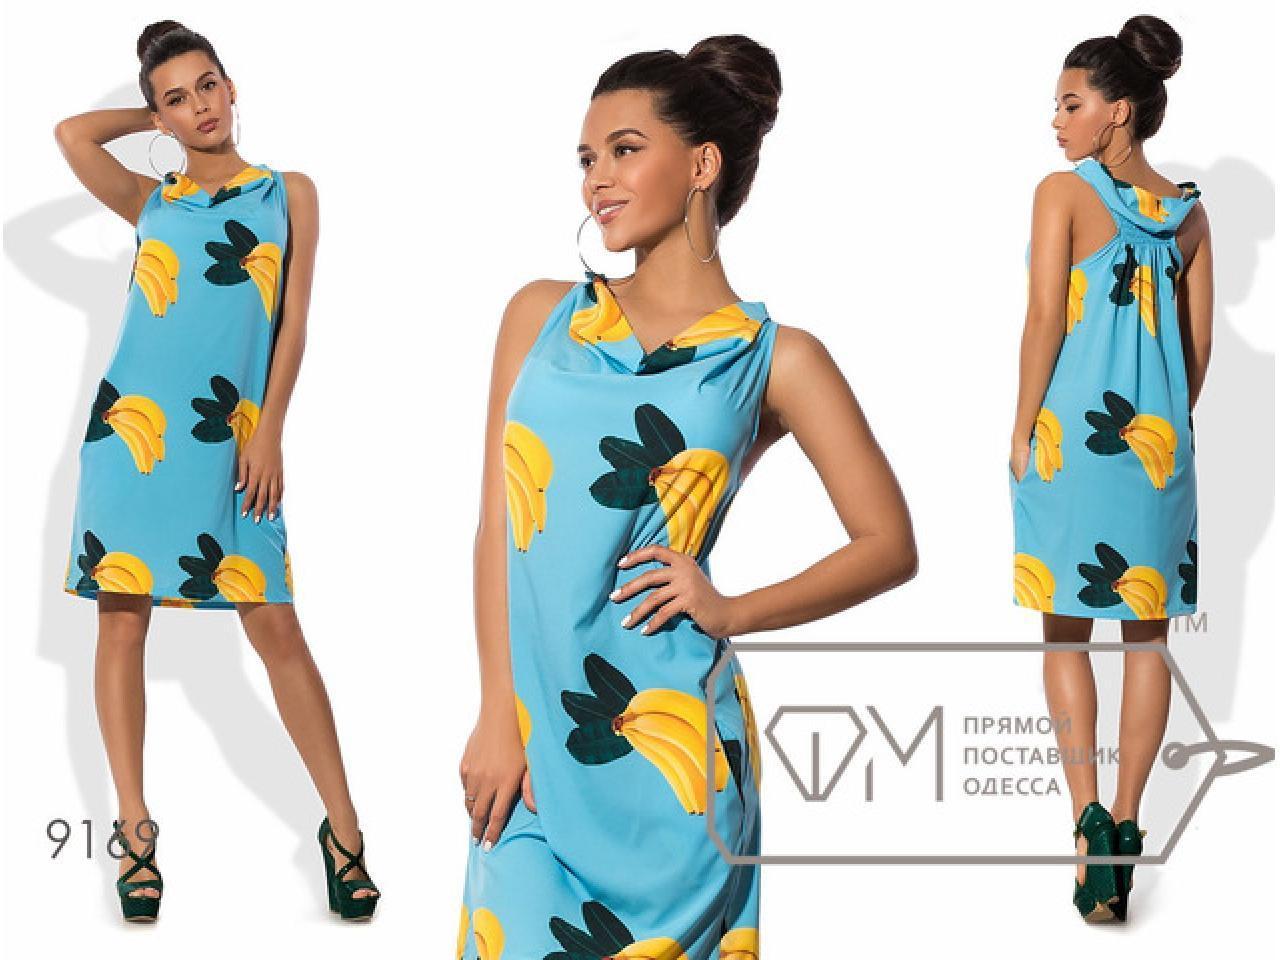 Стильная женская одежда с доставкой по Европе - 11